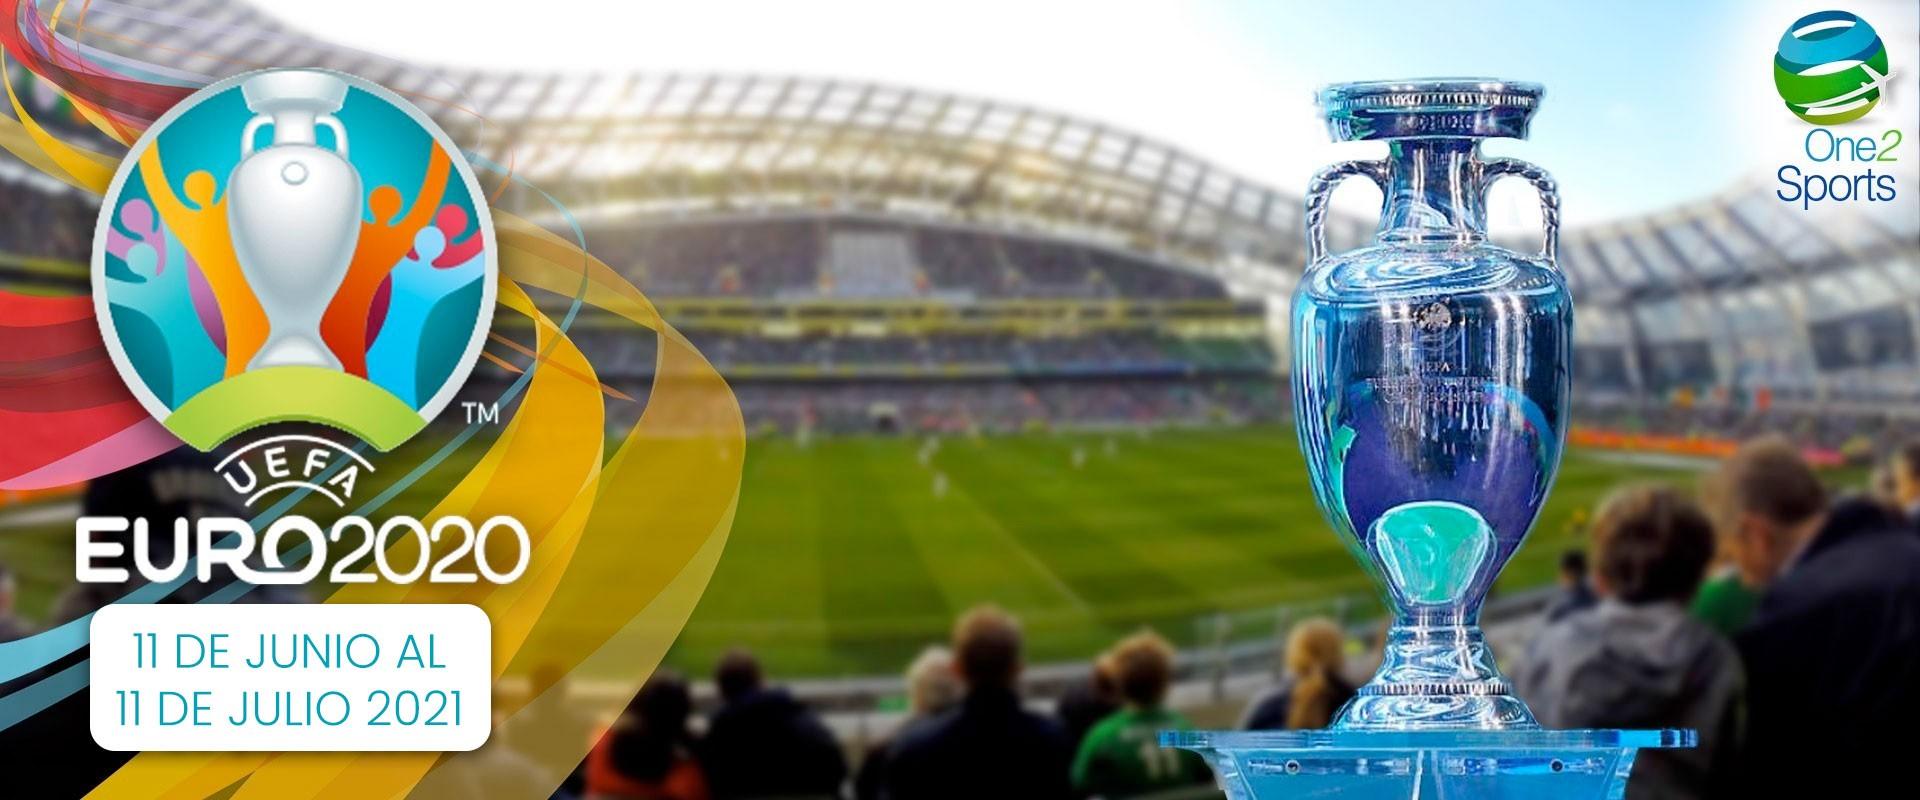 Eurocopa en Glasgow